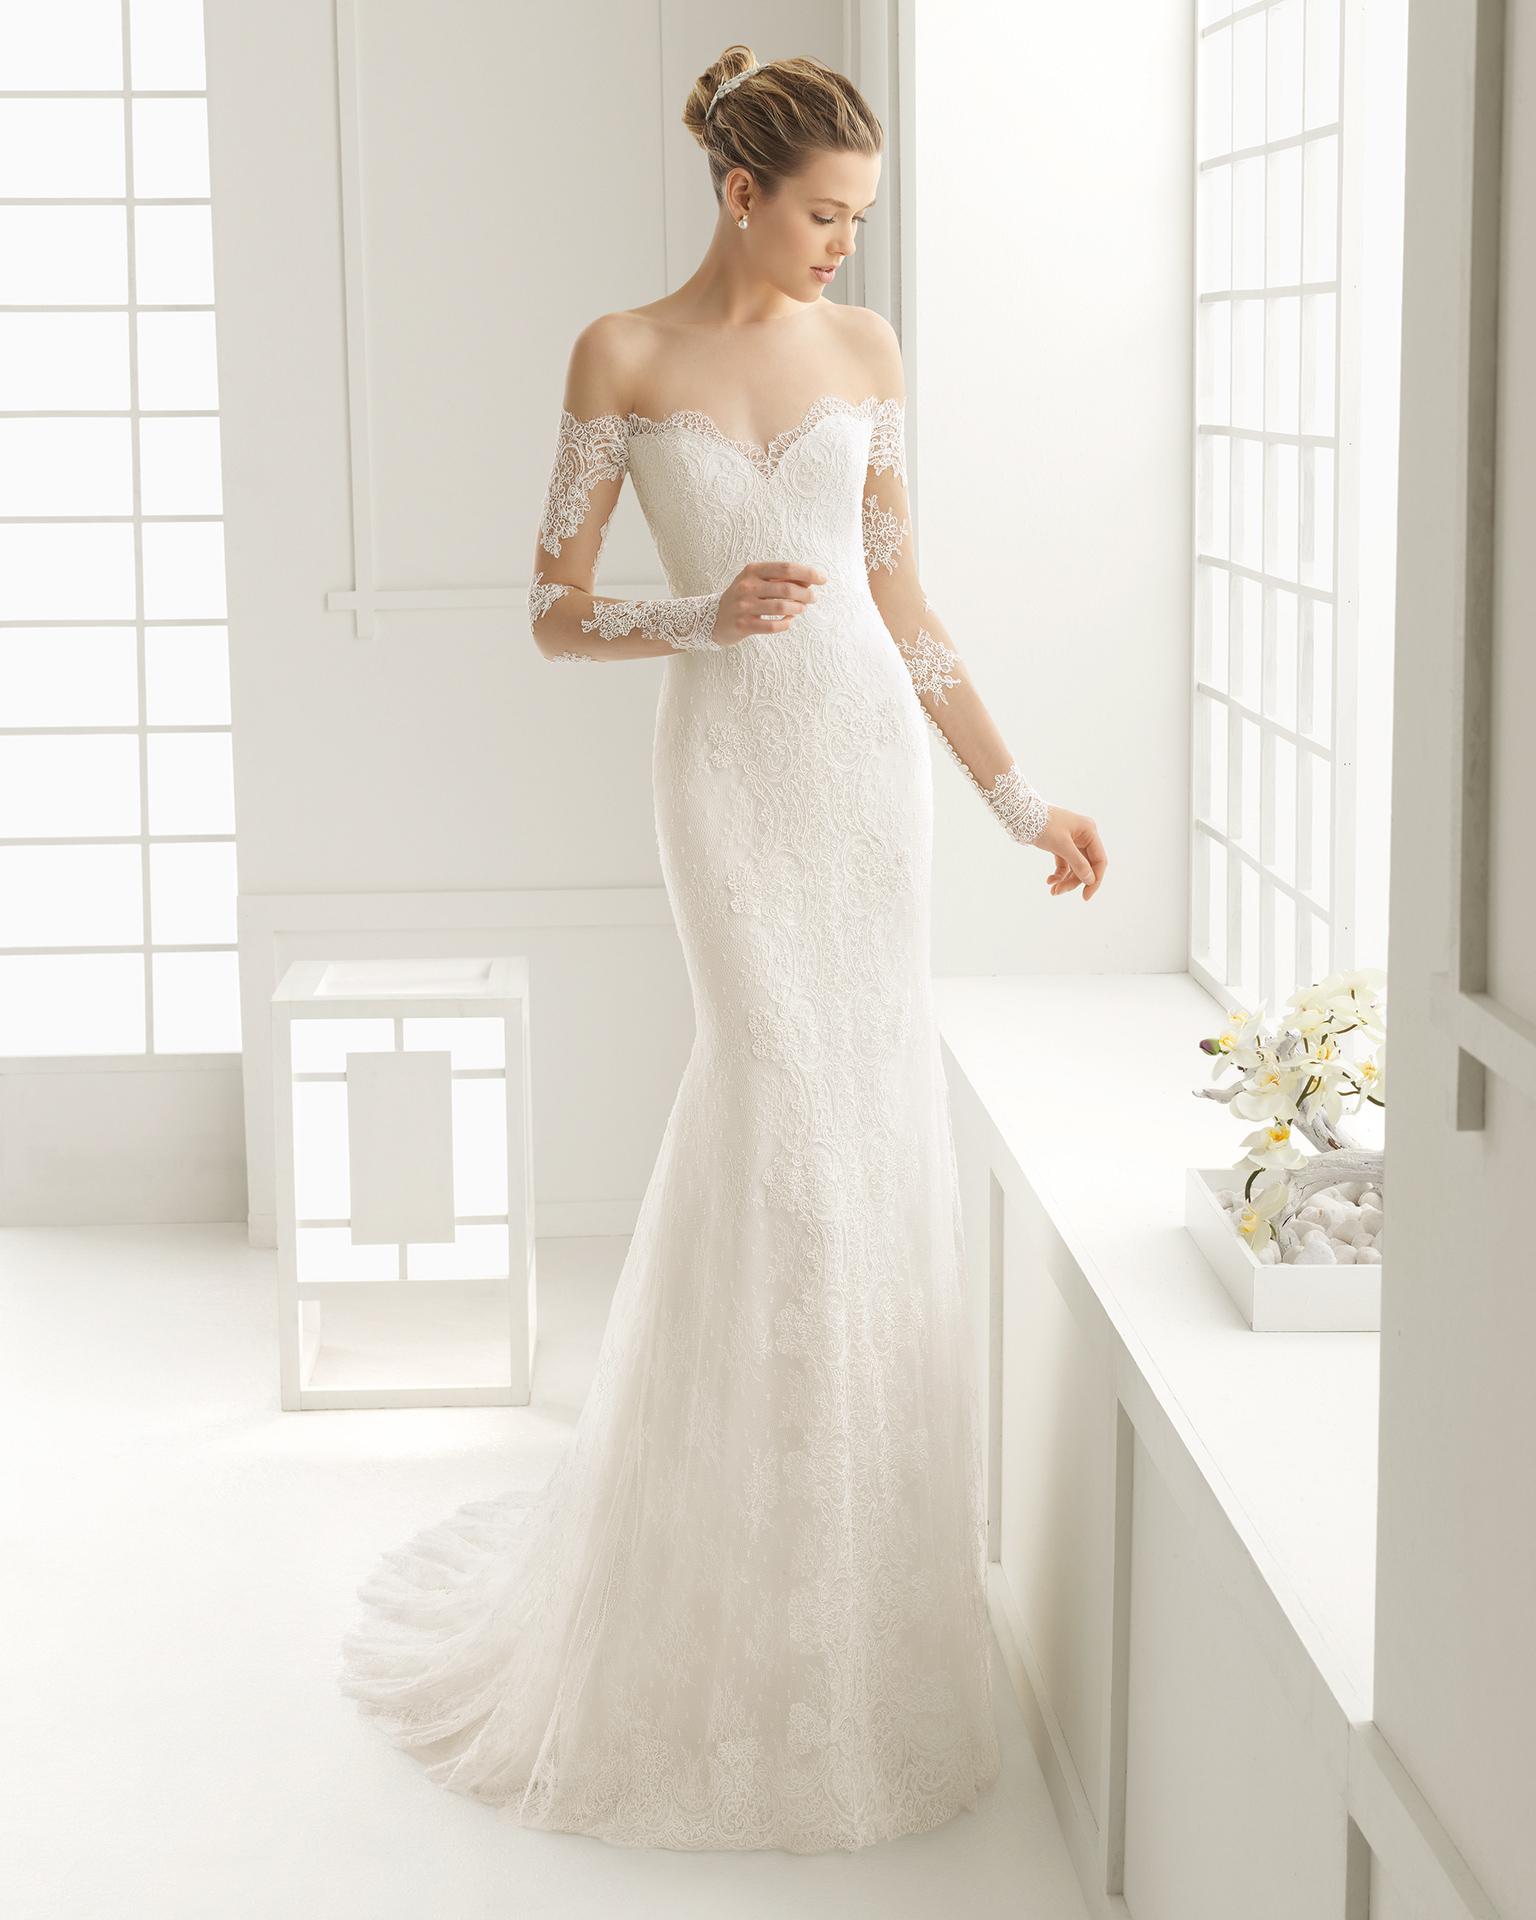 Dore (40, natural) Свадебное платье Rosa Clara в Одессе. Свадебный салон Скоро Свадьба.